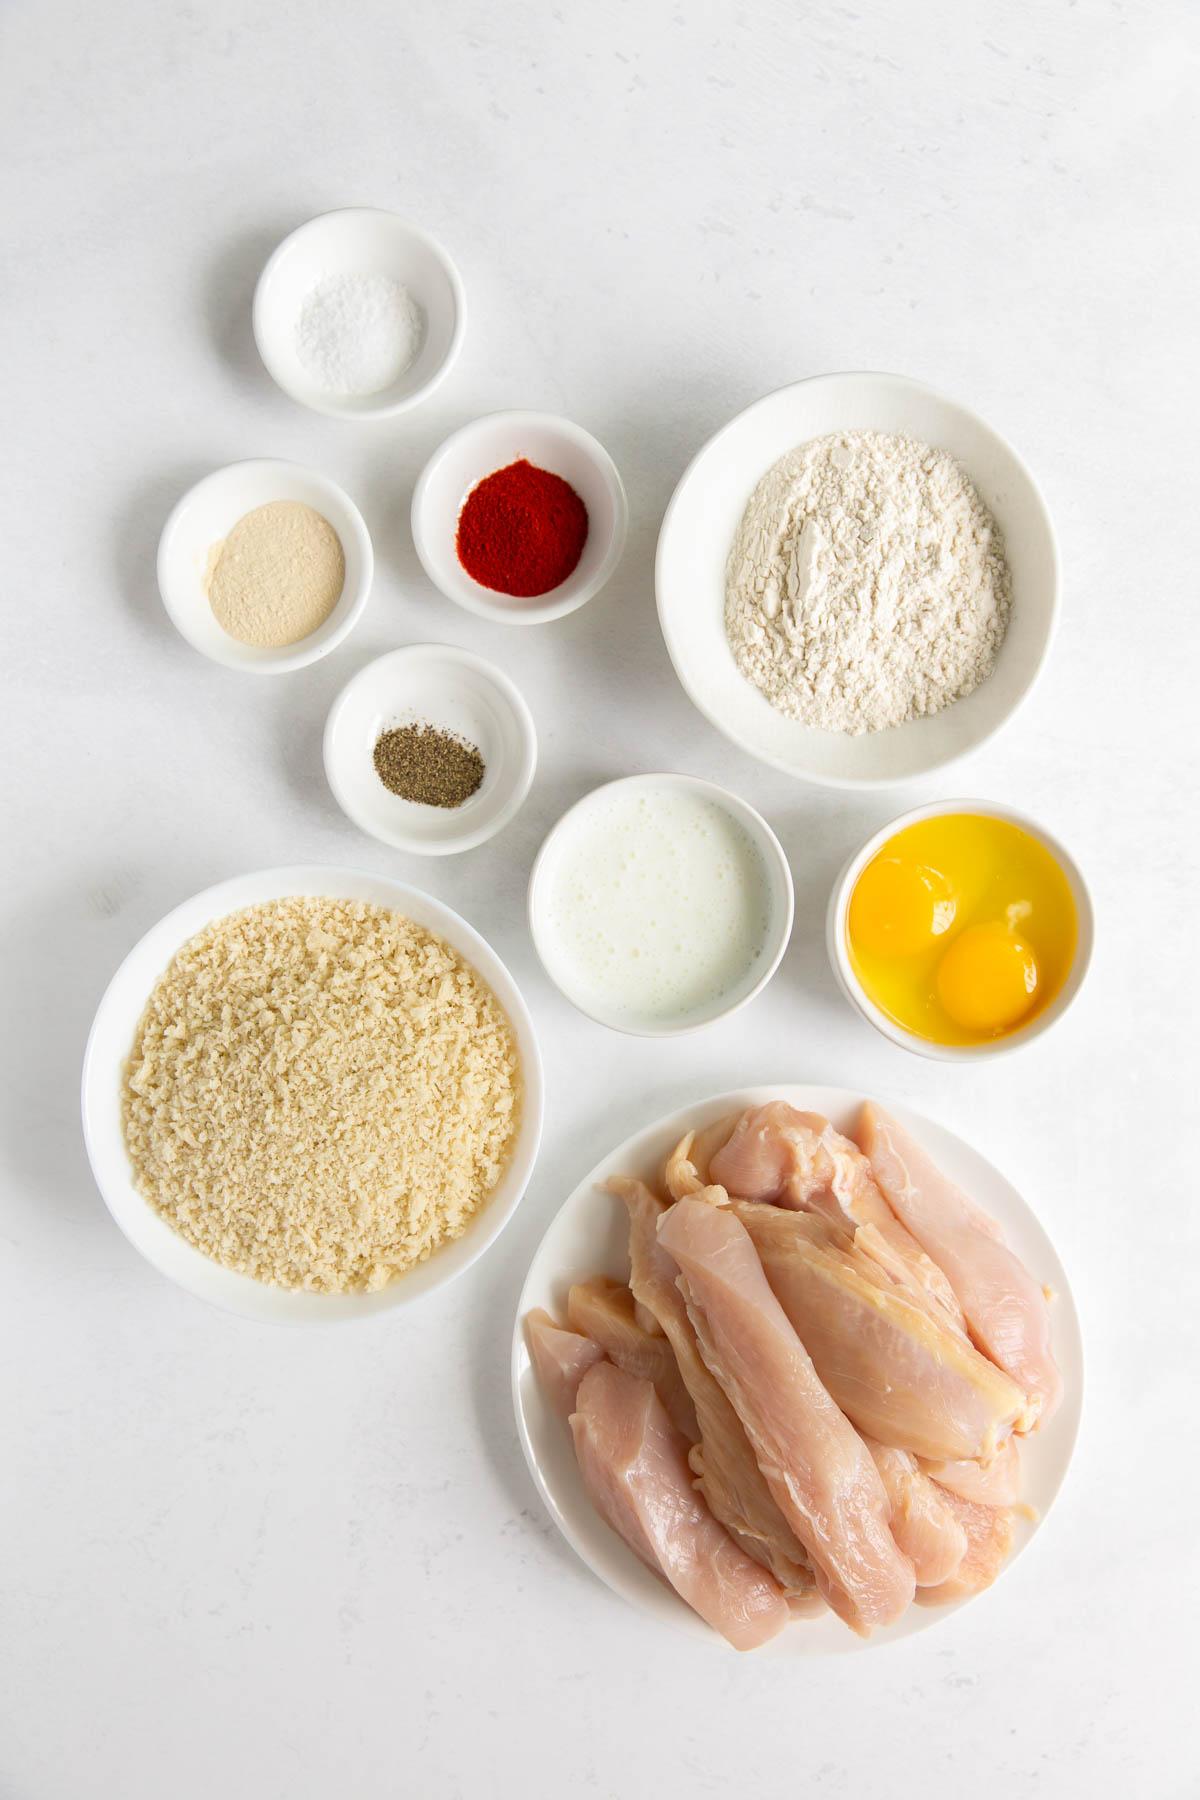 ingredients for air fryer chicken tenders recipe